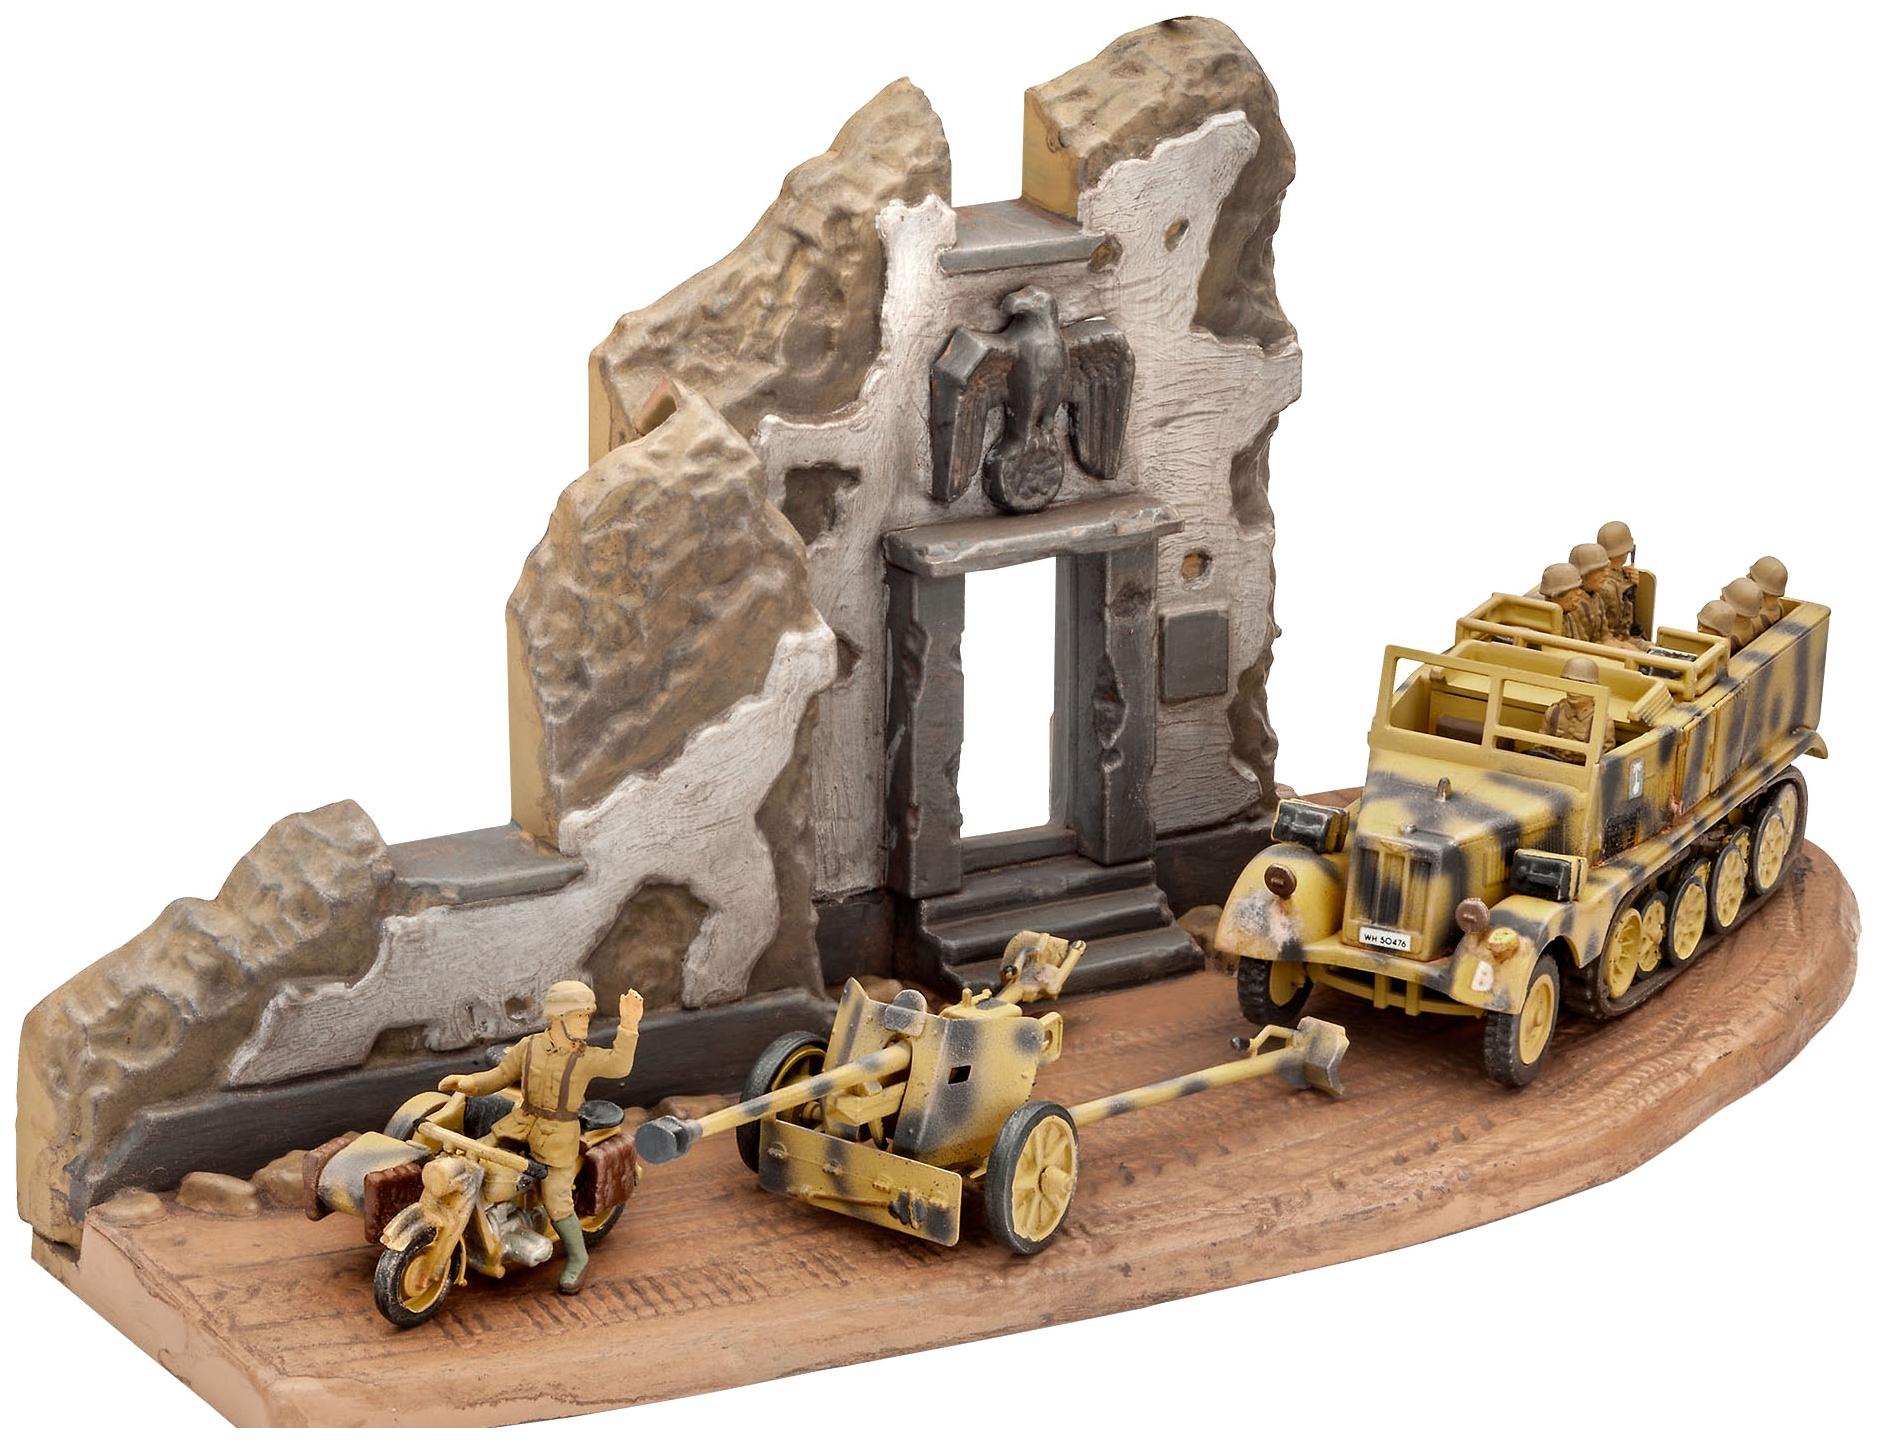 Модели для сборки Revell Буксирный трактор, противотанковая пушка Pak 40 и мотоцикл R75